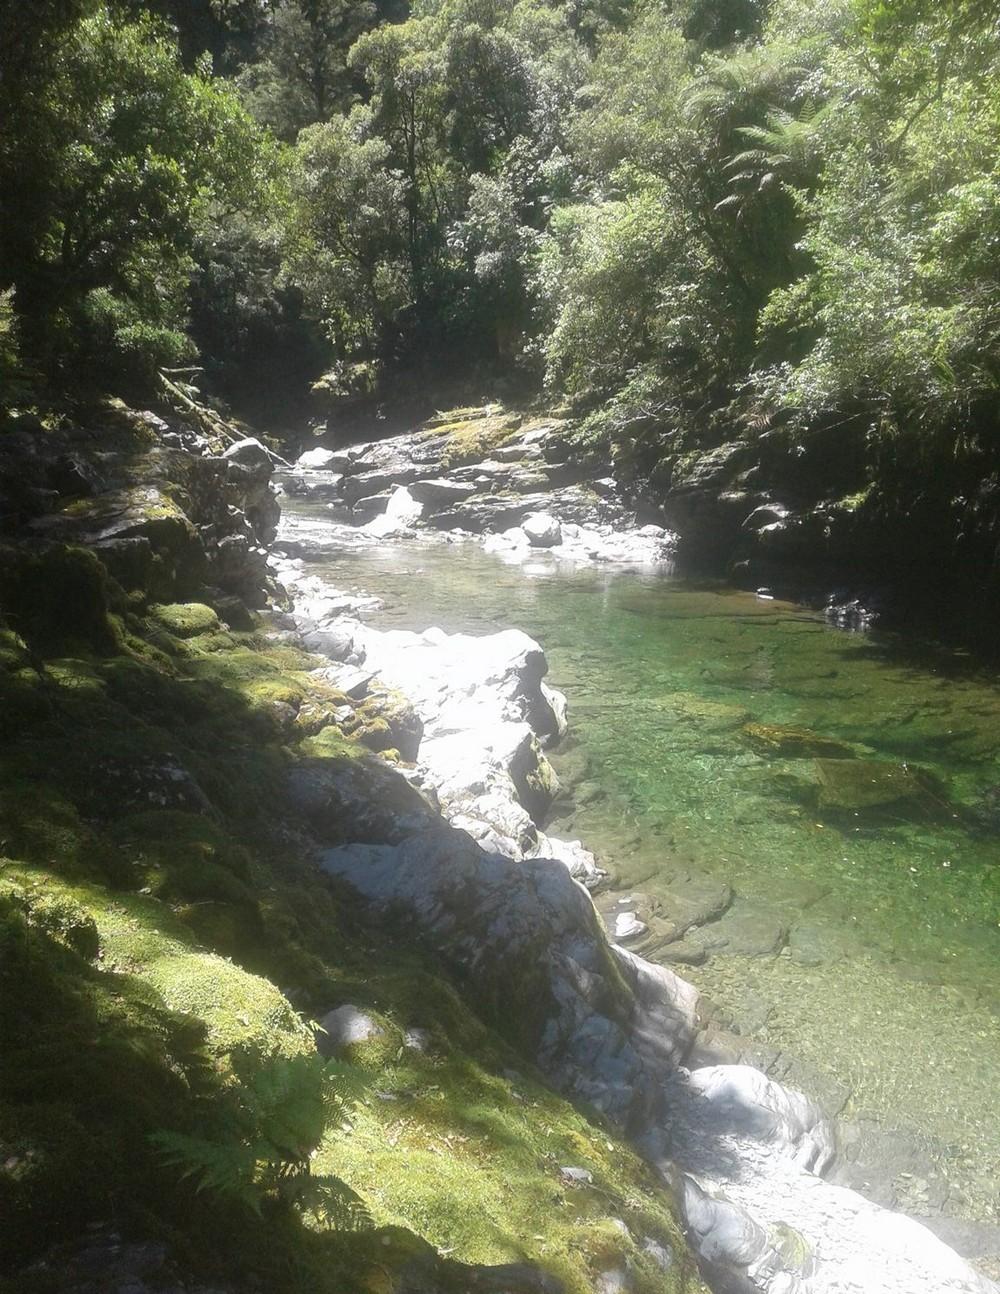 В Новой Зеландии продается участок золотоносной реки